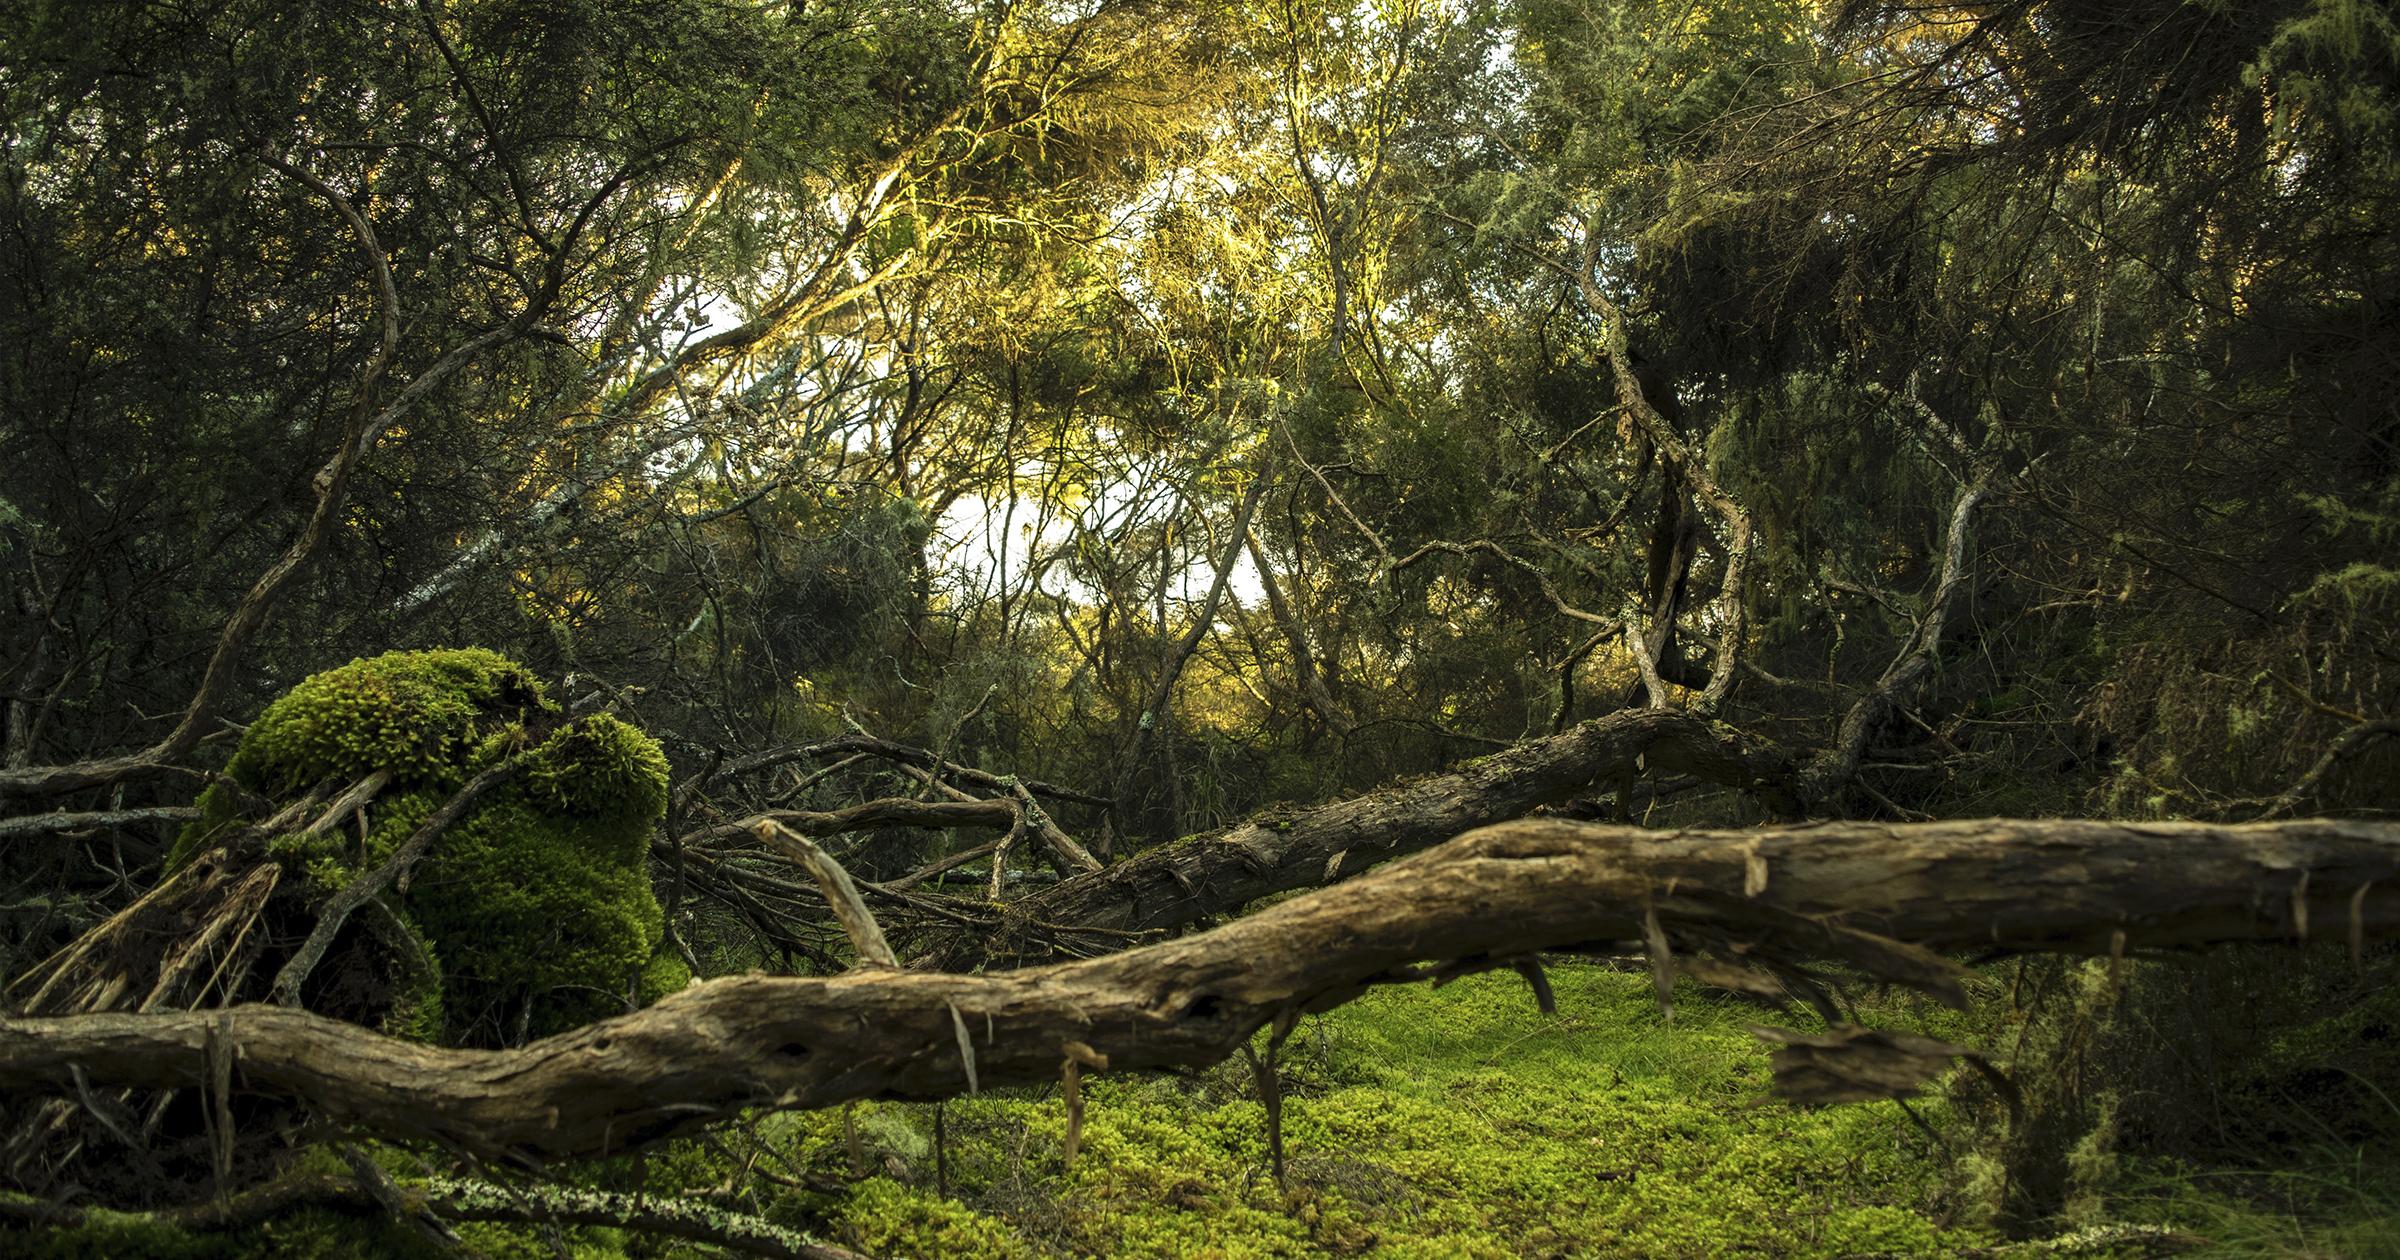 Un mare  di alberi:  la verità dietro i proclami